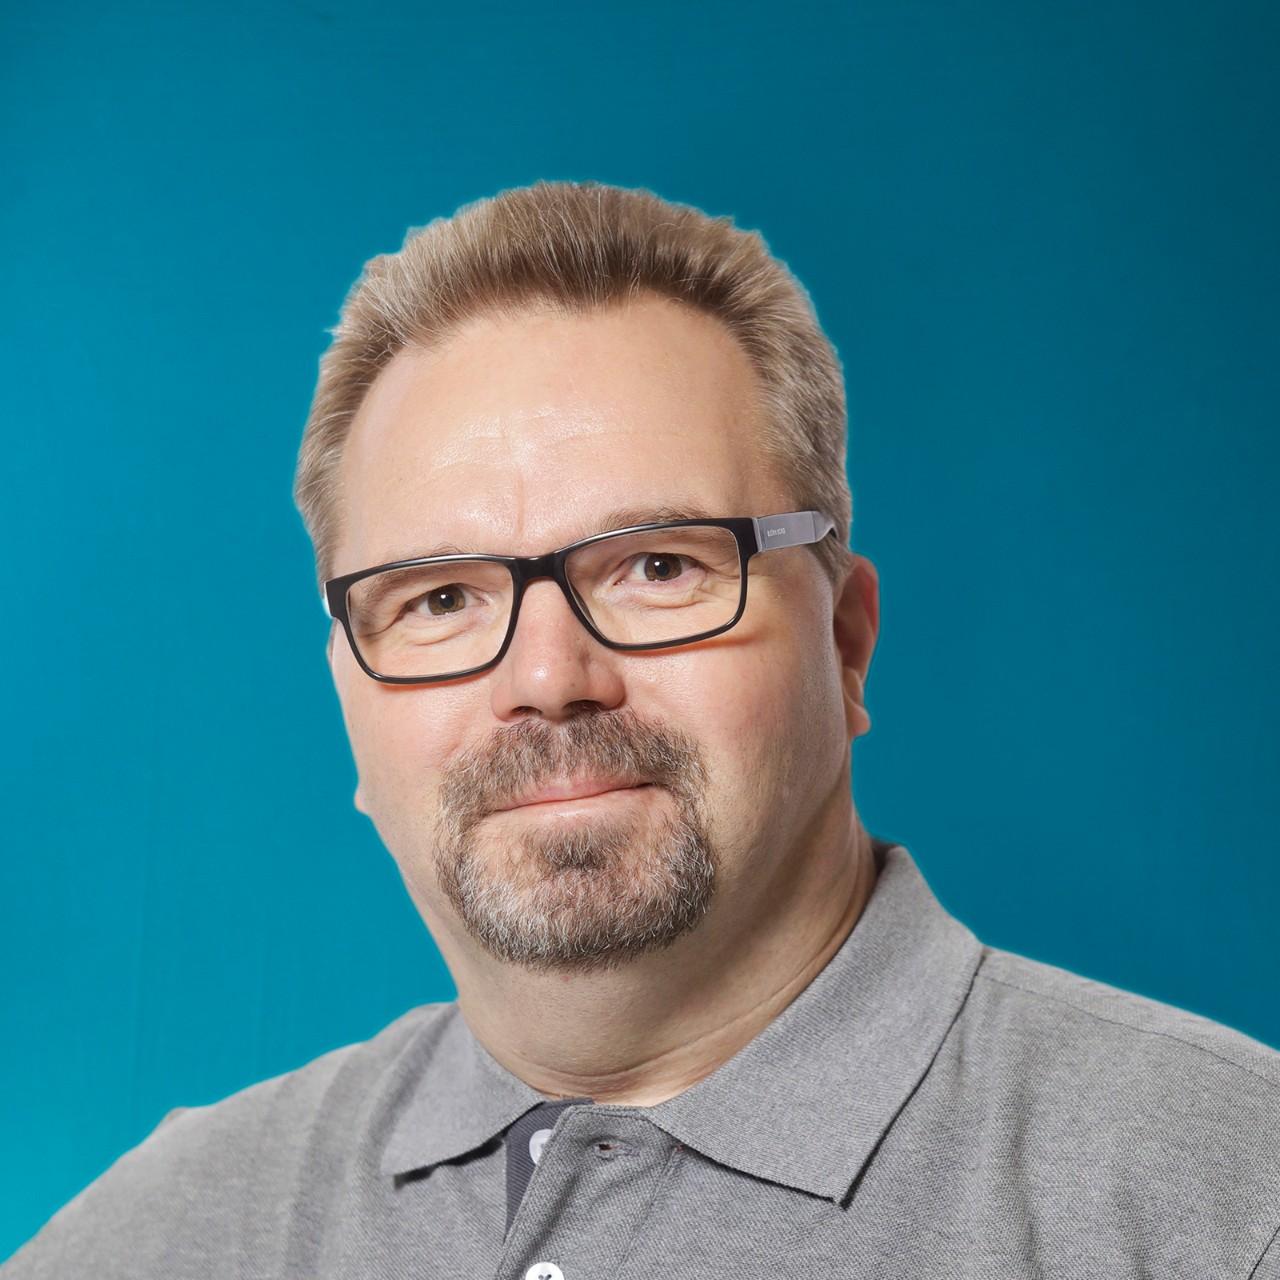 Kuorma-automyyjä Mikael Eriksson